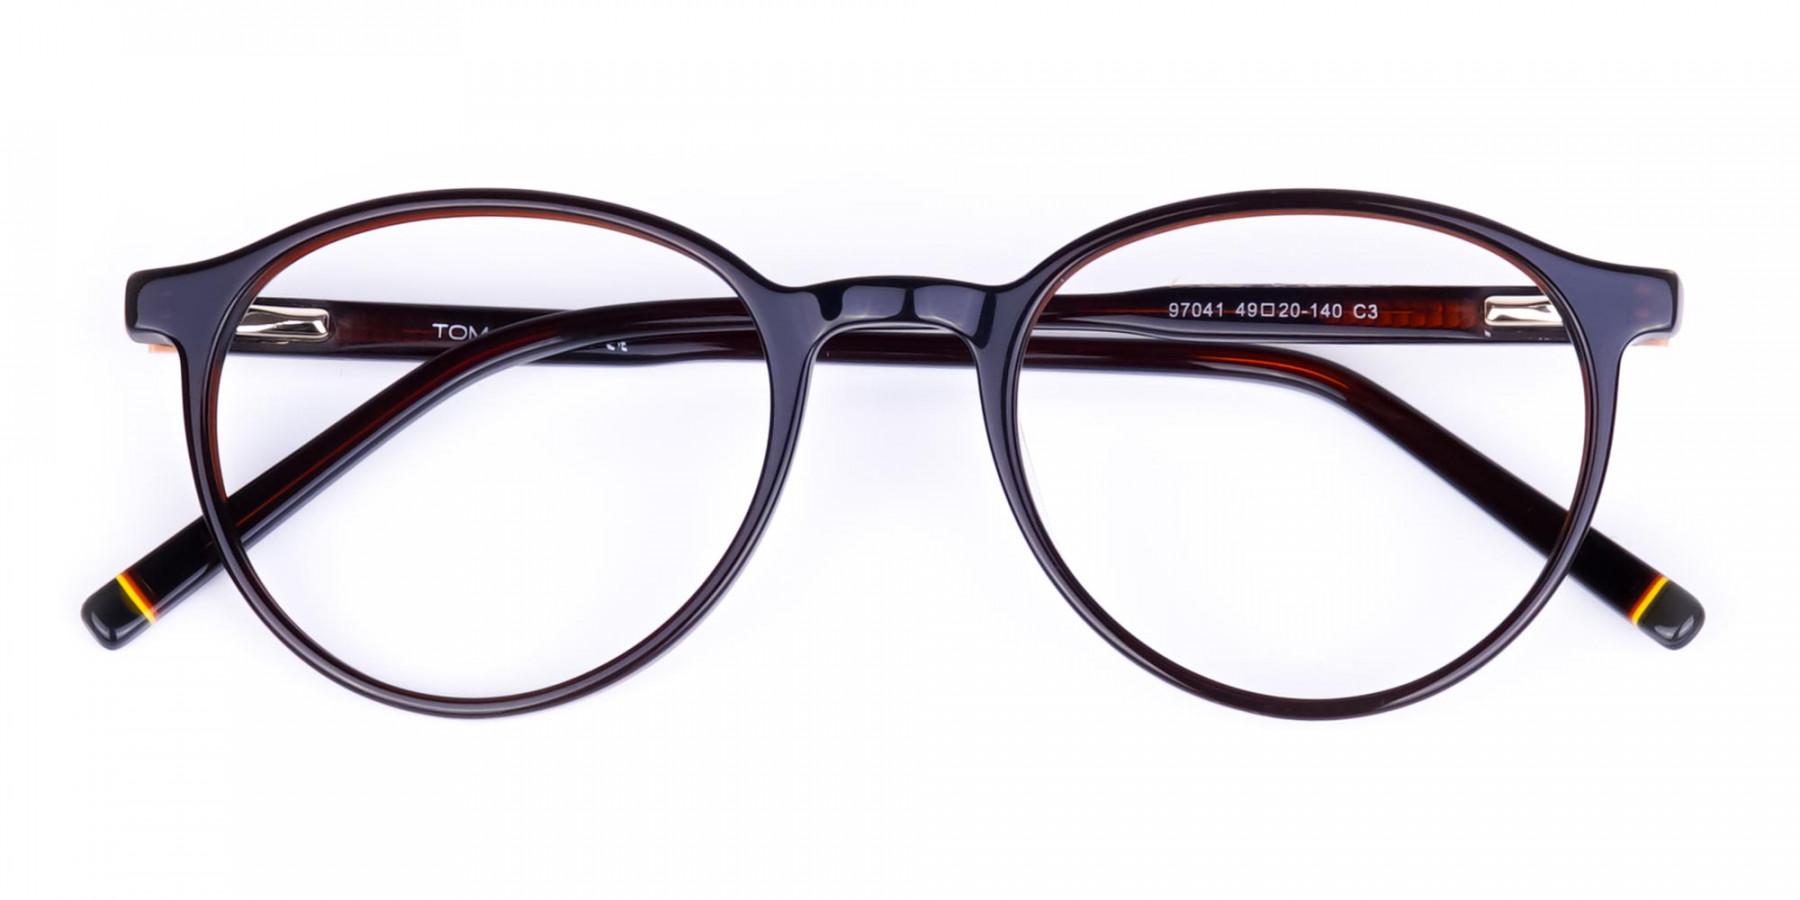 Dark-Brown-Rimmed-Round-Glasses-1